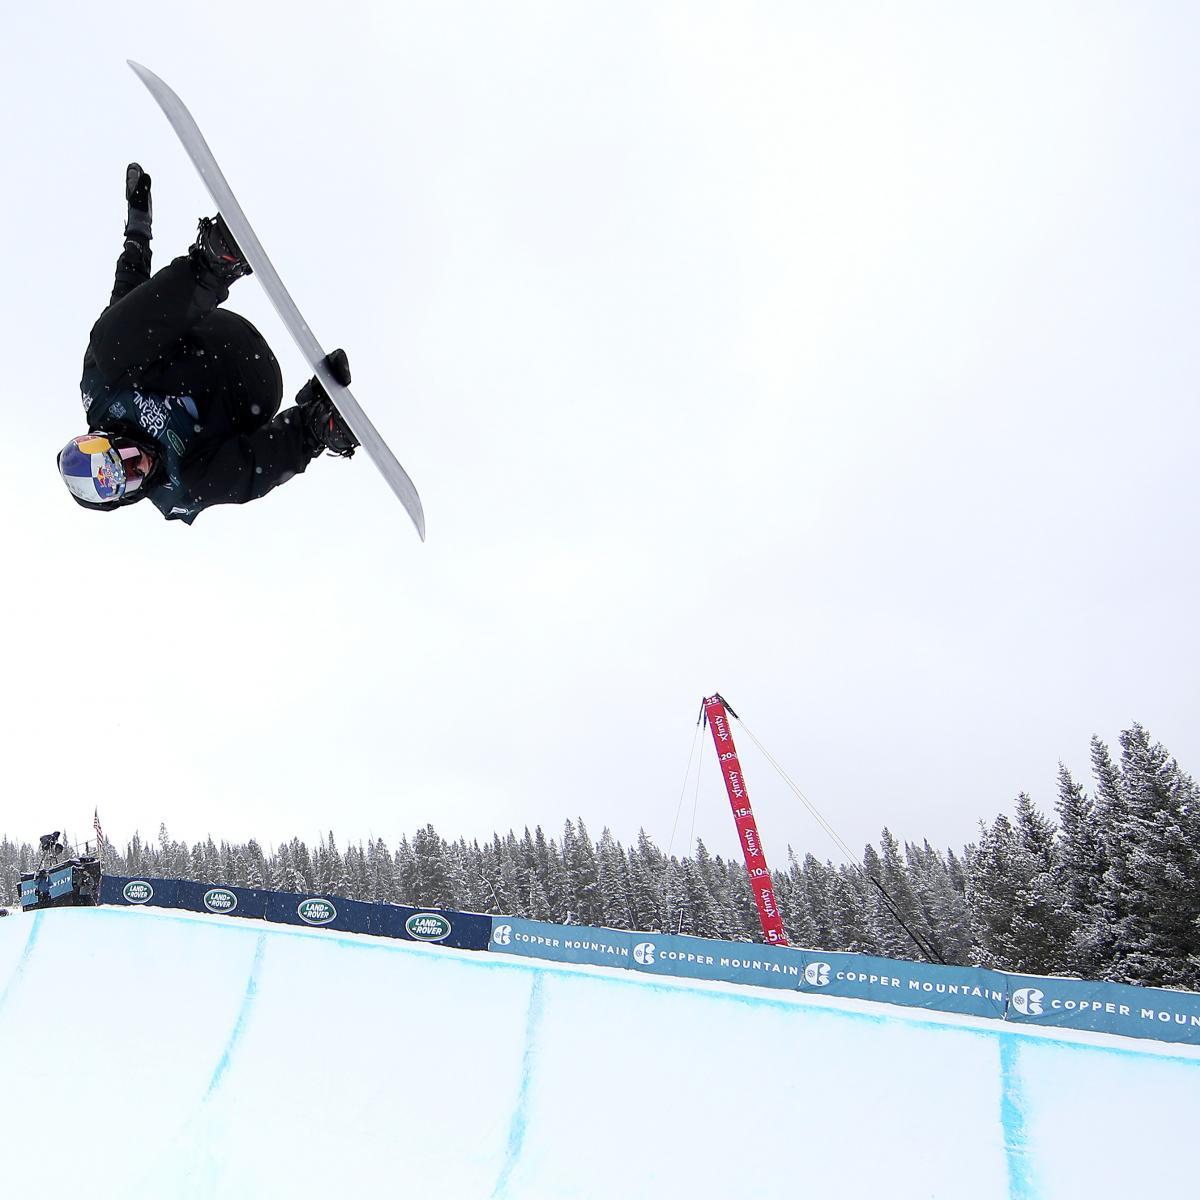 Winter X Games 2020: Aspen Dates, TV Schedule, Live Stream